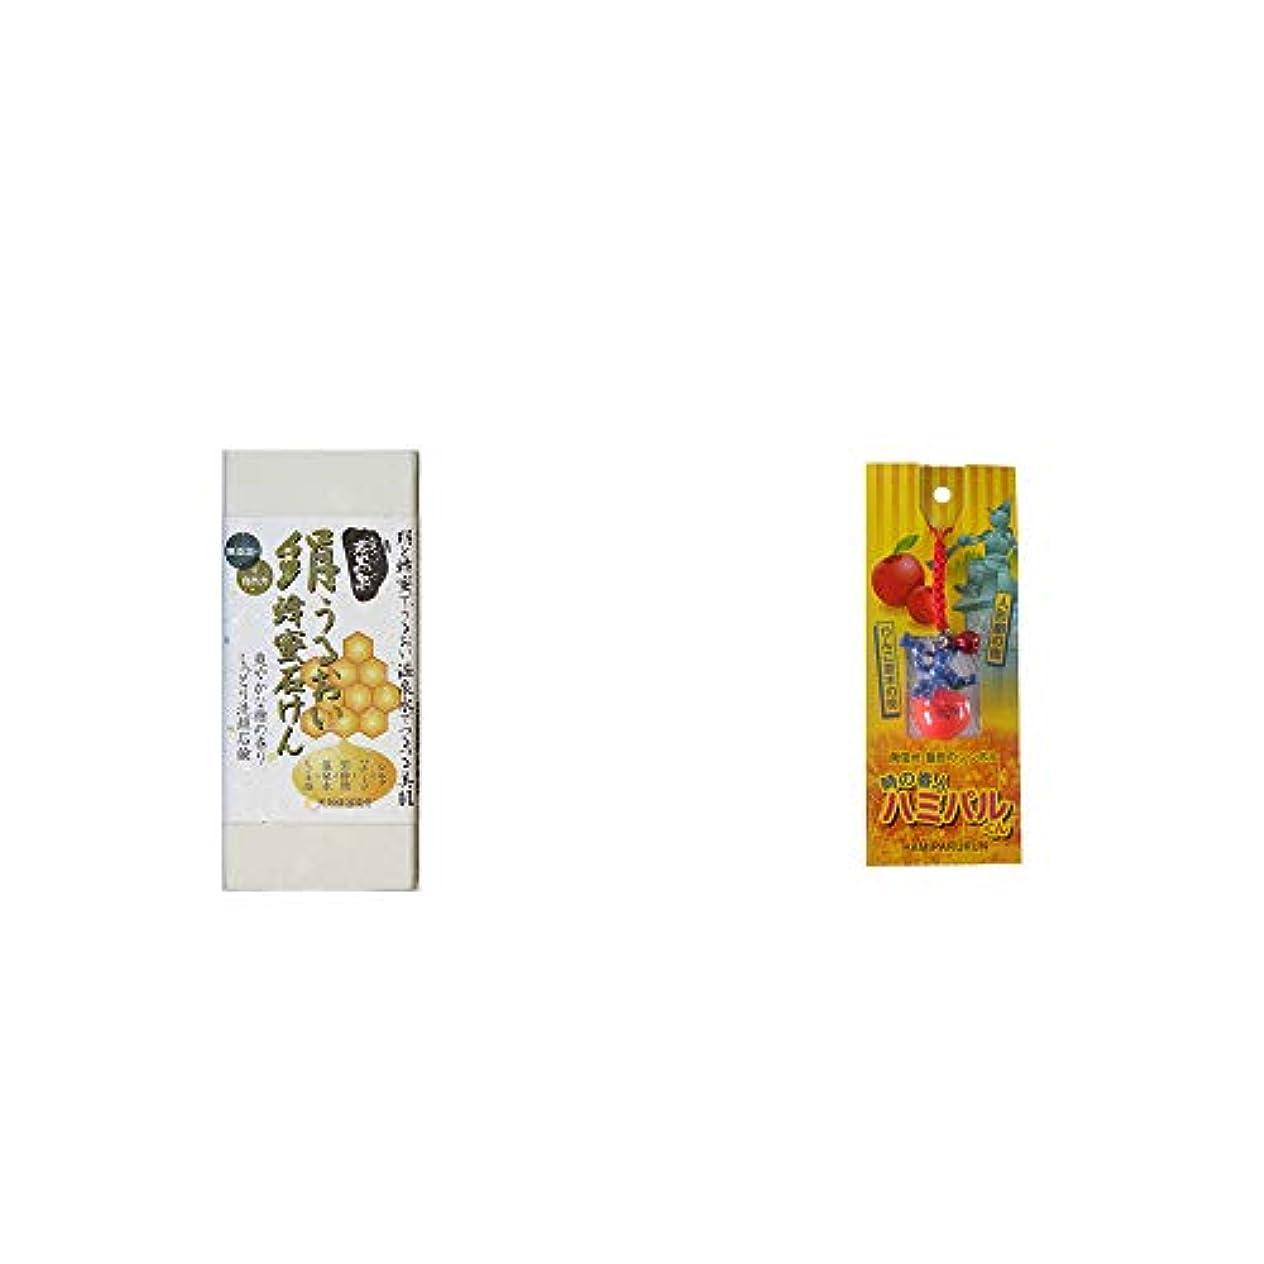 求める臭いスケート[2点セット] ひのき炭黒泉 絹うるおい蜂蜜石けん(75g×2)?信州?飯田のシンボル 時の番人ハミパルくんストラップ